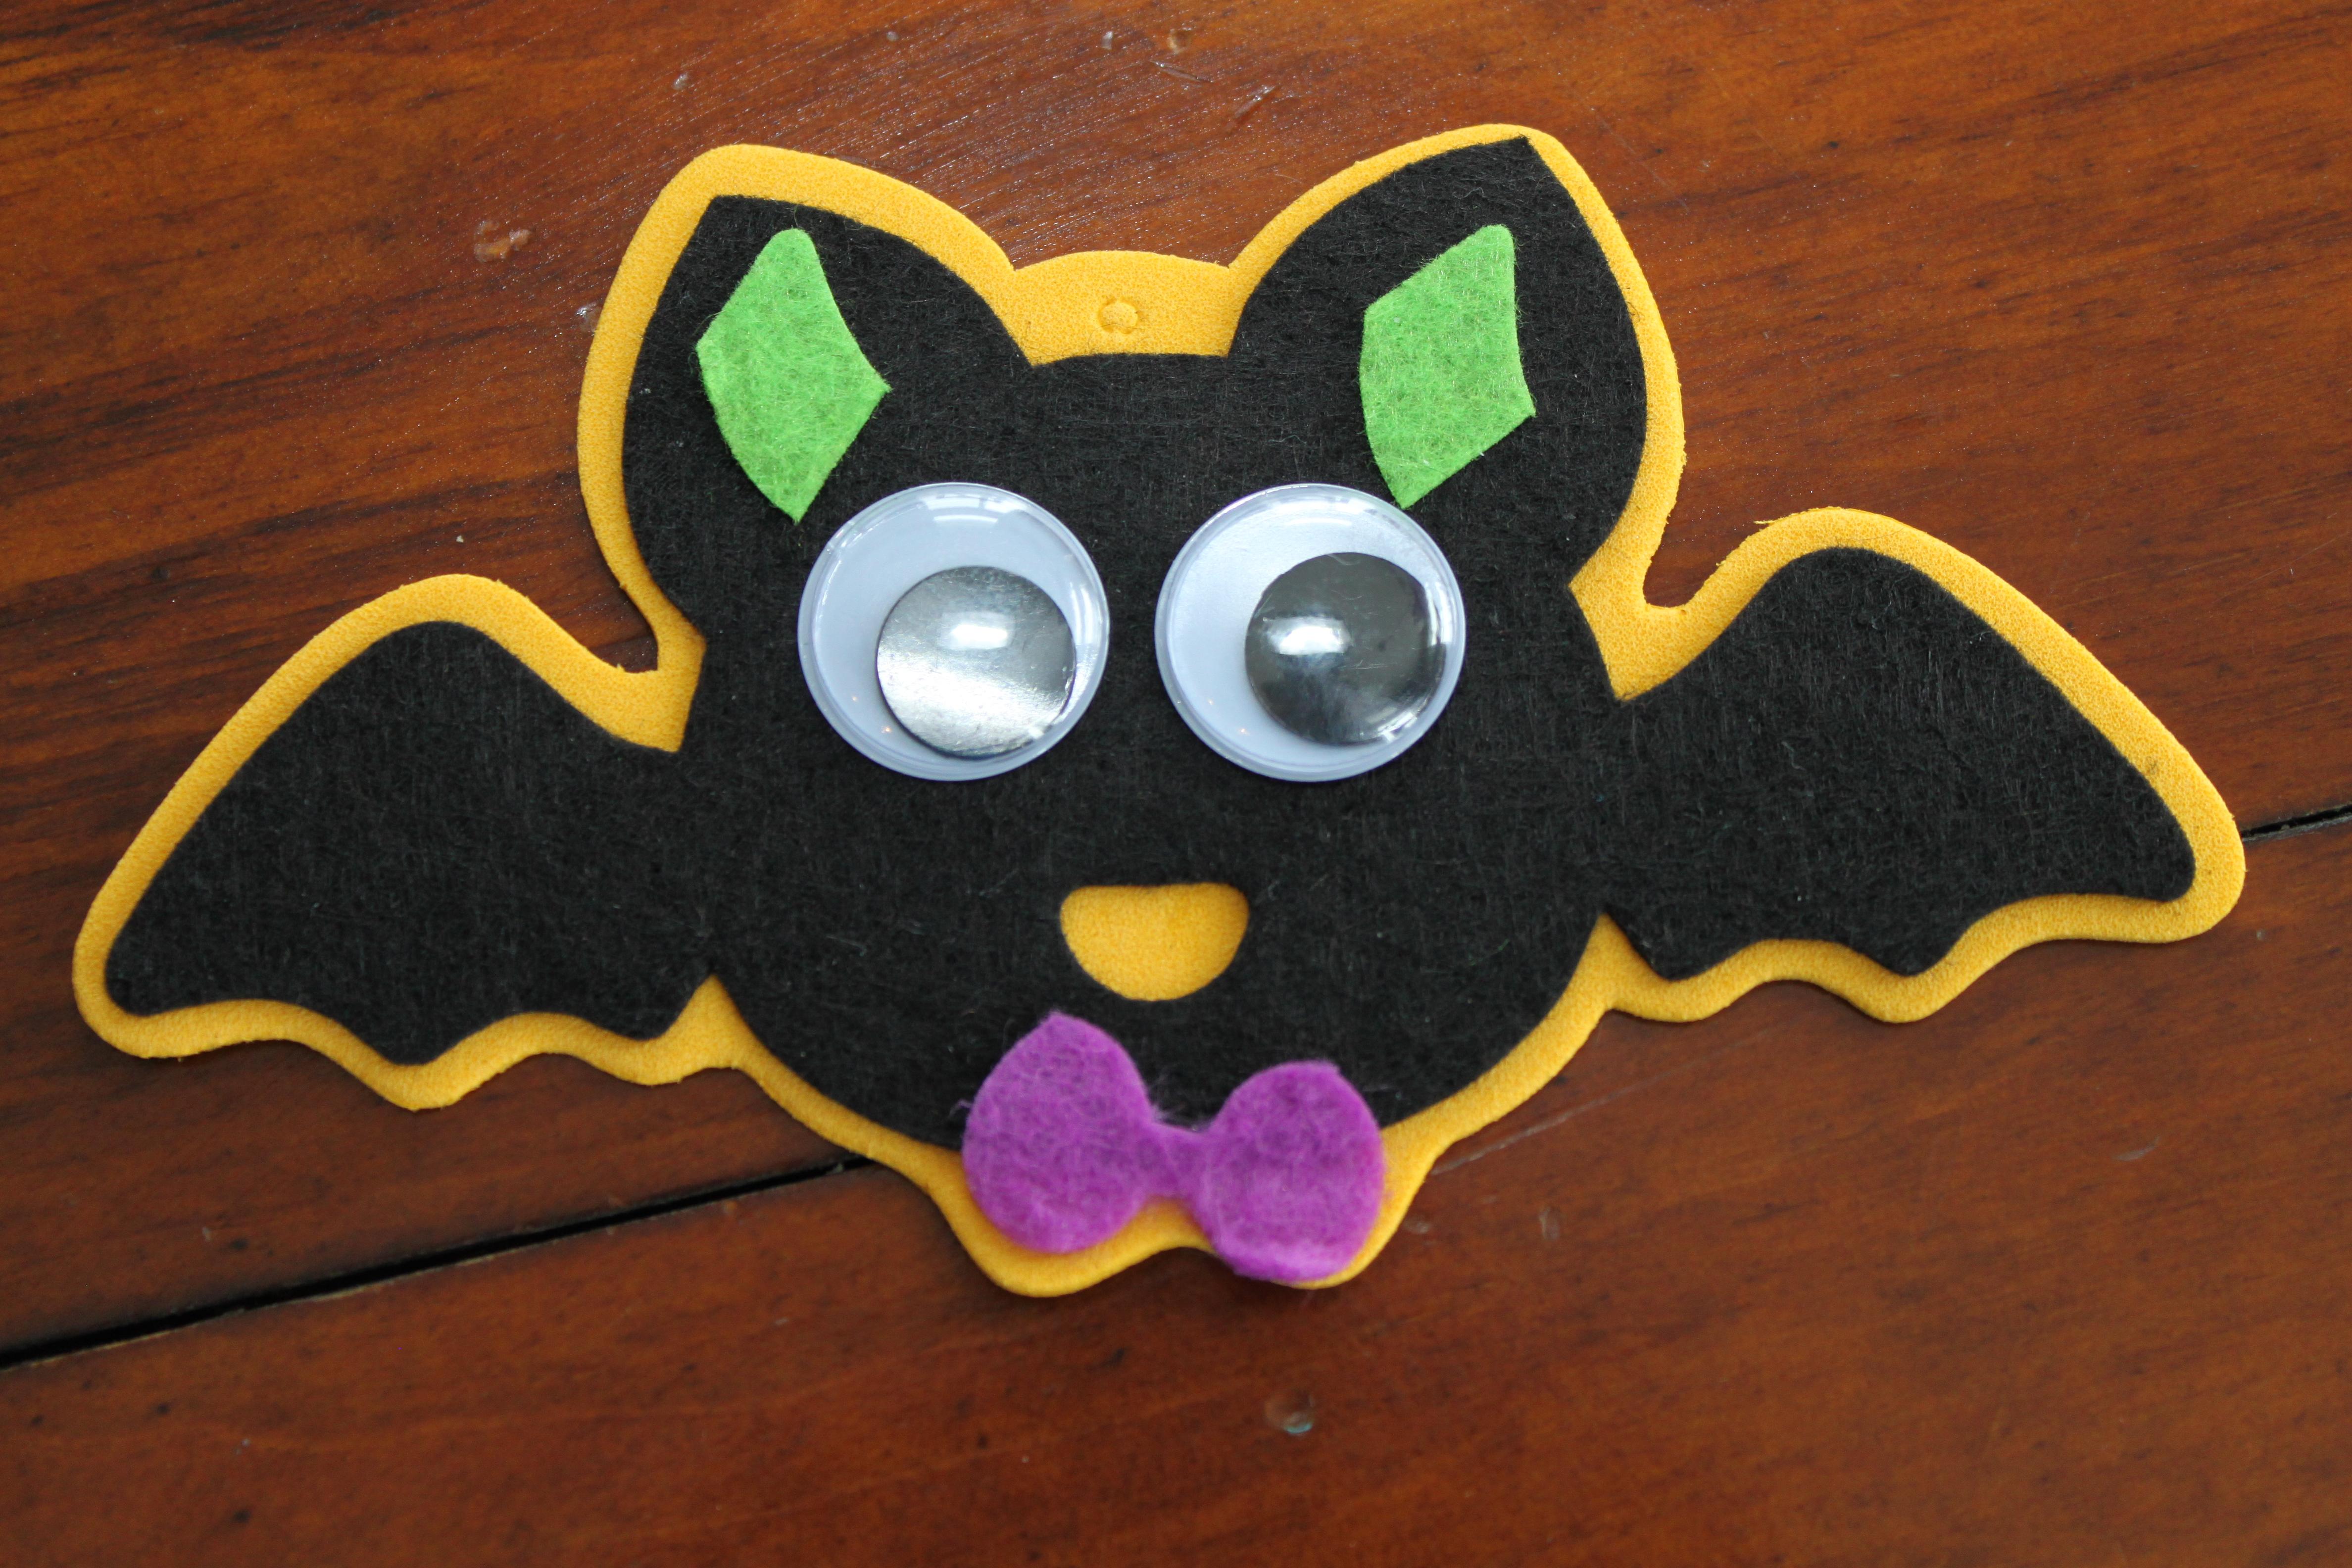 halloween crafts 2 halloween crafts 3